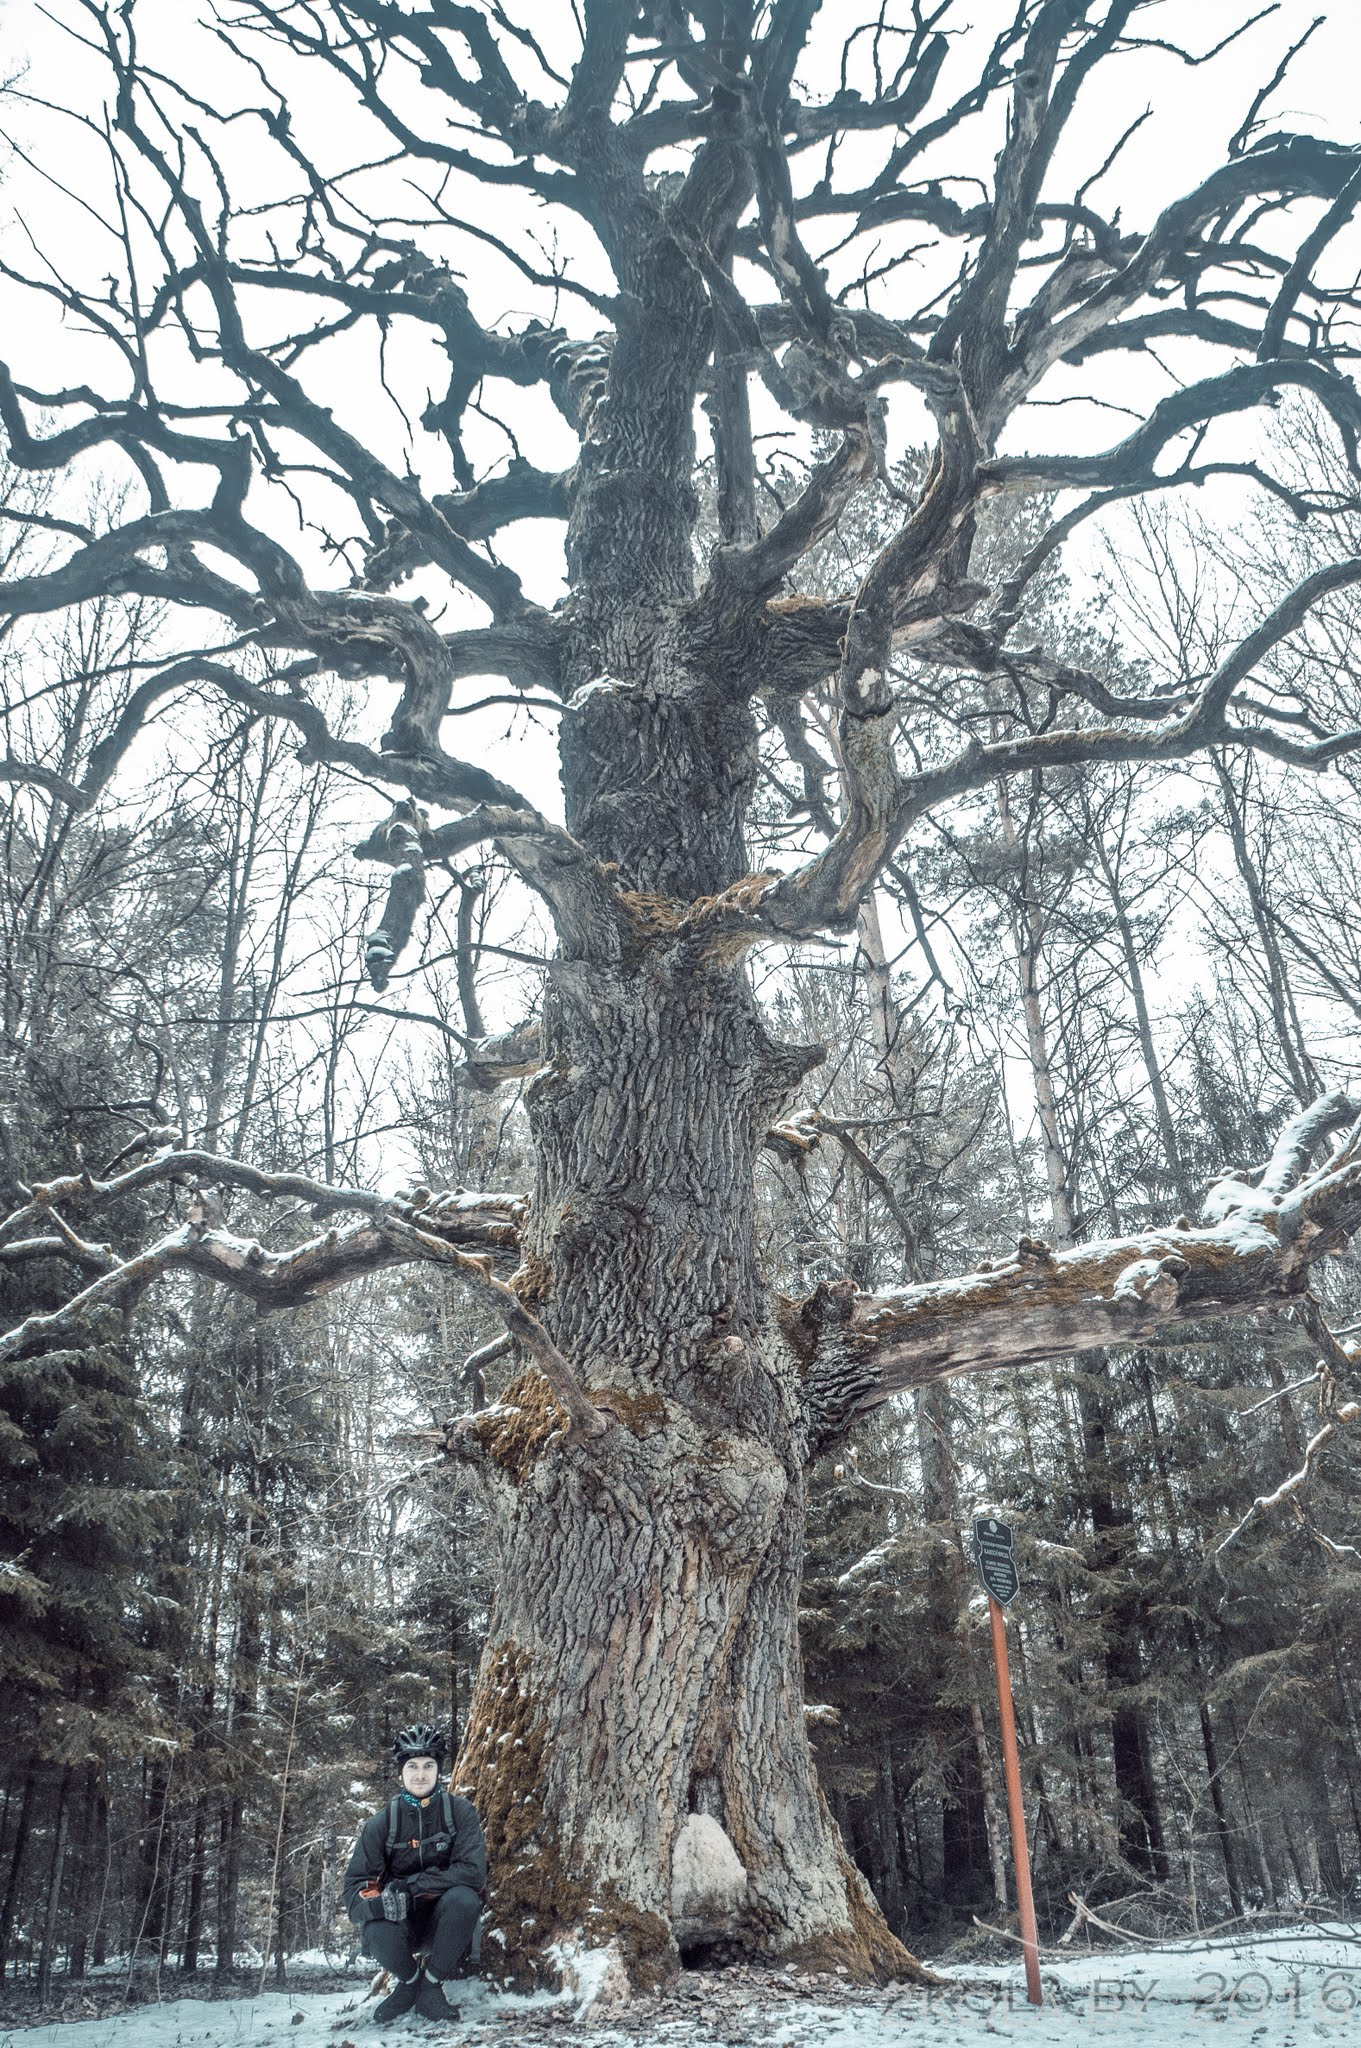 DSC08867 - Зимняя покатушка по достопримечательностям Ганцевичского и Клецкого районов.